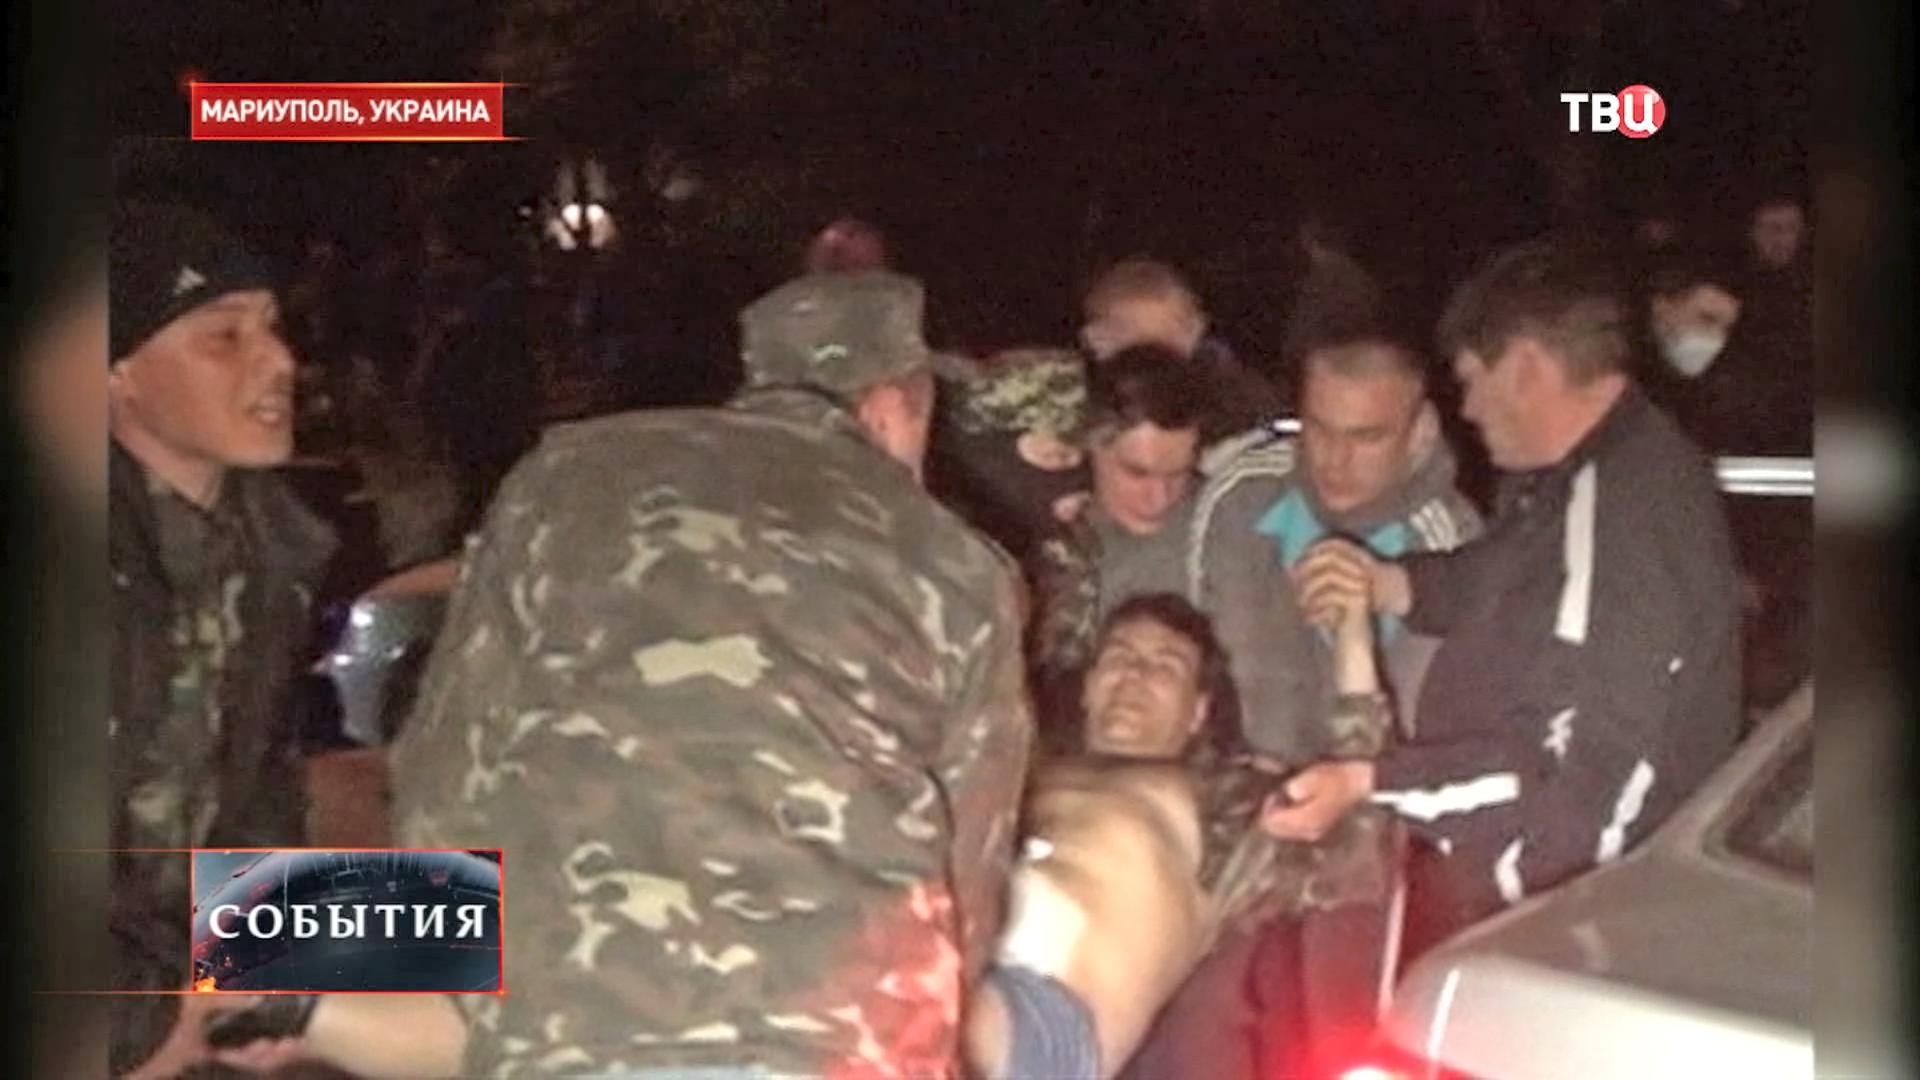 Пострадавшие при штурме воинской части в Мариуполе